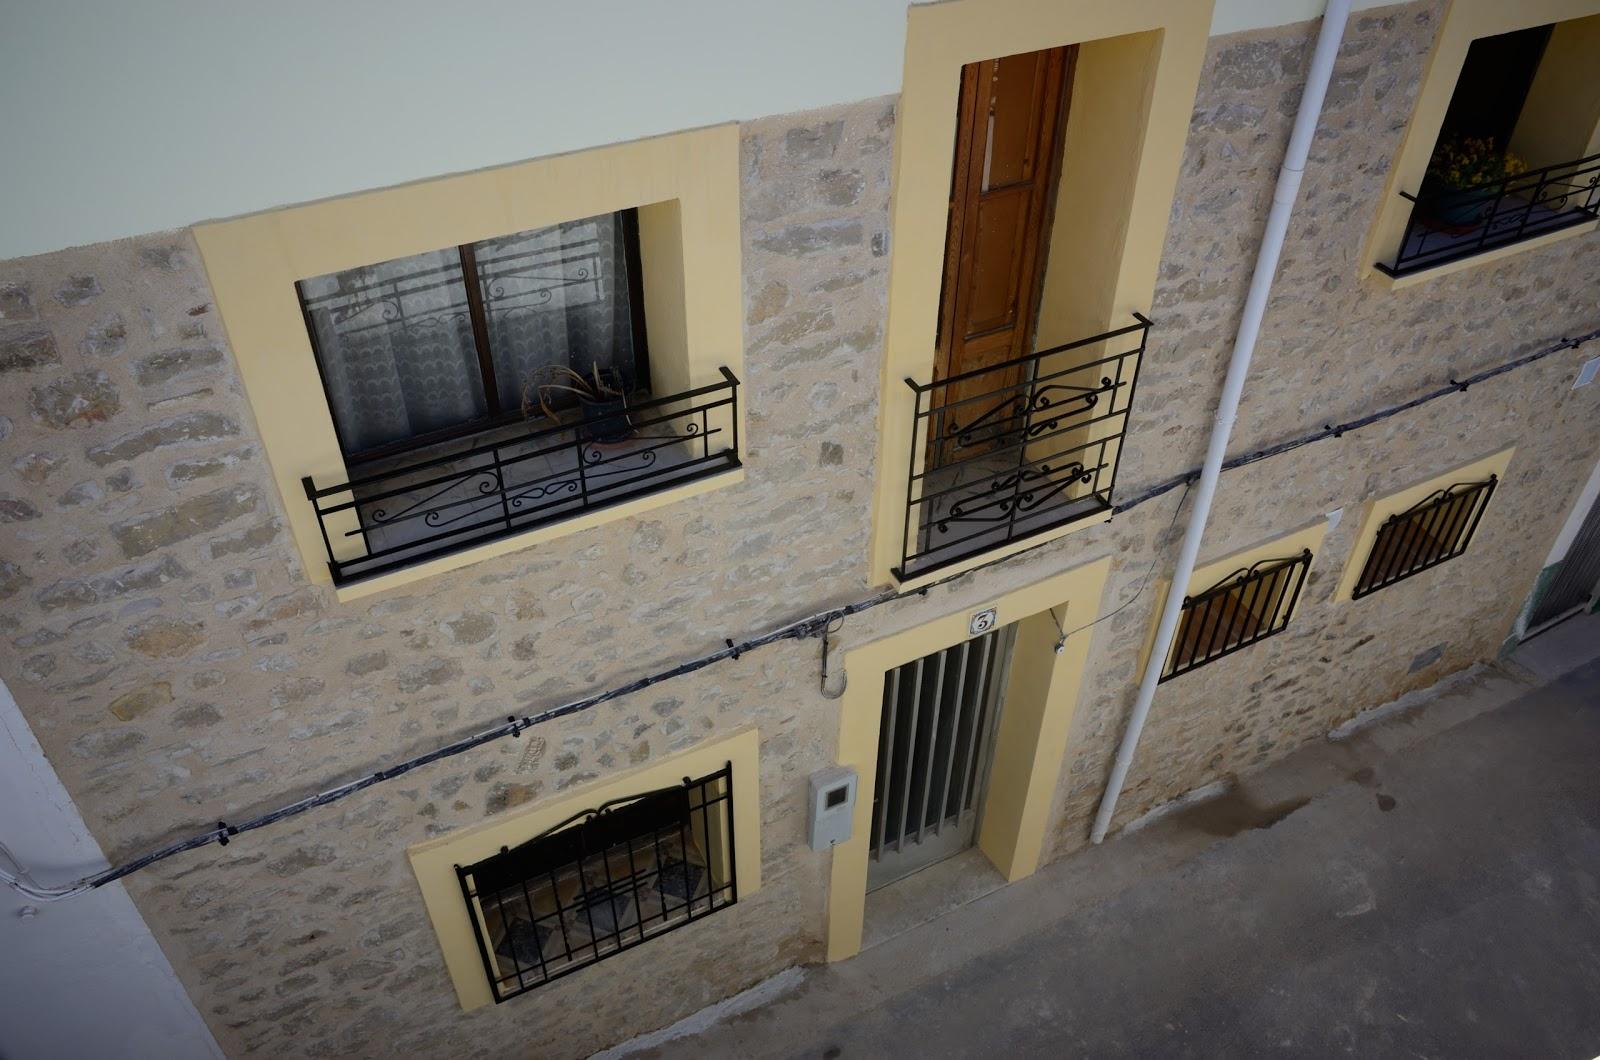 repeindre une facade repeindre une facade travaux ext rieur ravalement de fa ade travaux de. Black Bedroom Furniture Sets. Home Design Ideas